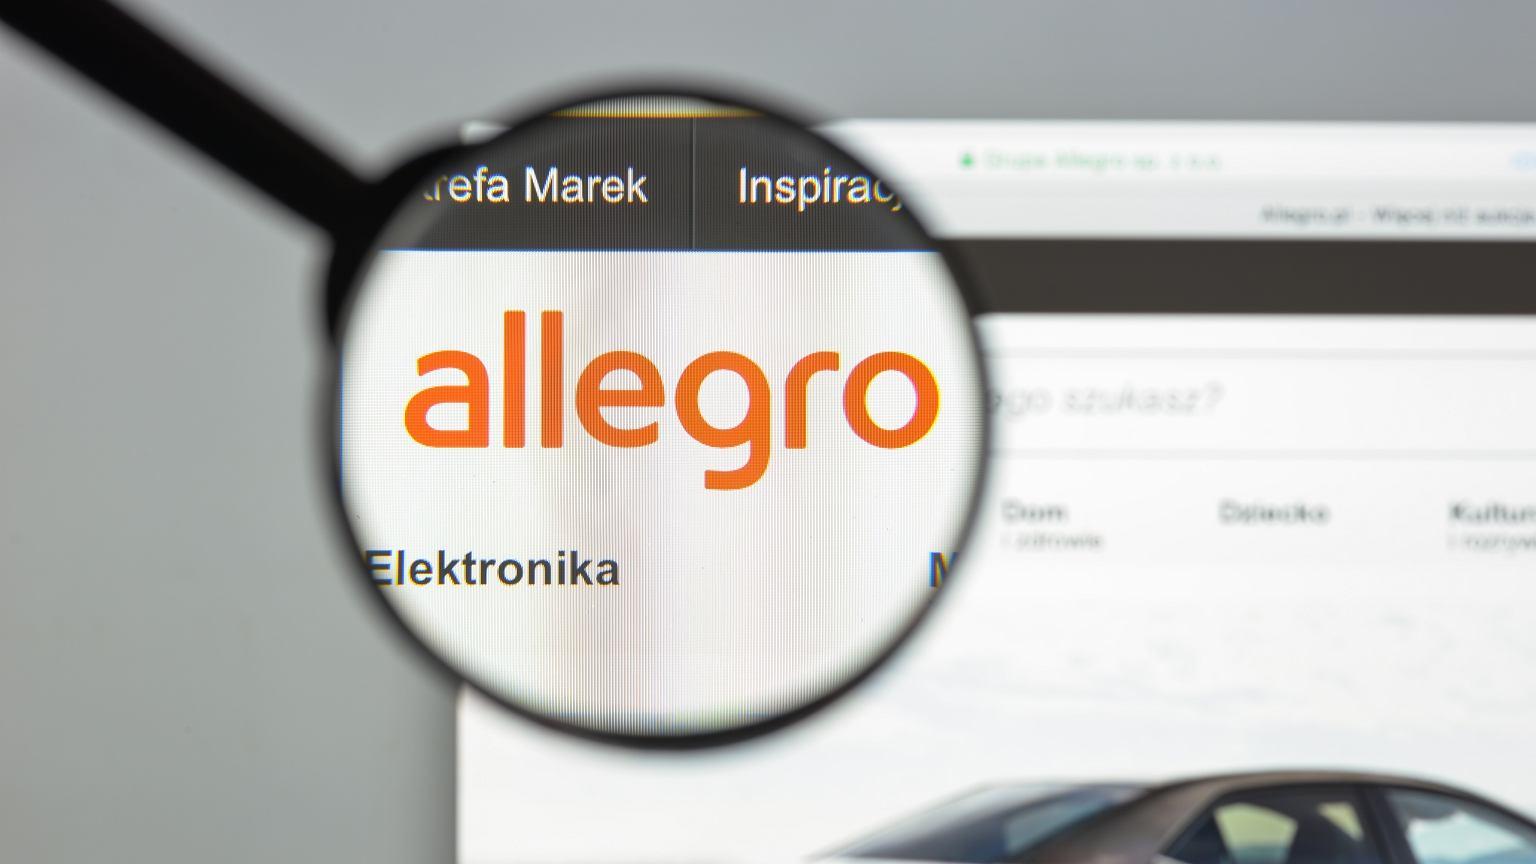 Allegro Dostarczy Przesylki Rowniez W Sobote Nowosci W Usludze Smart Technologie Na Next Gazeta